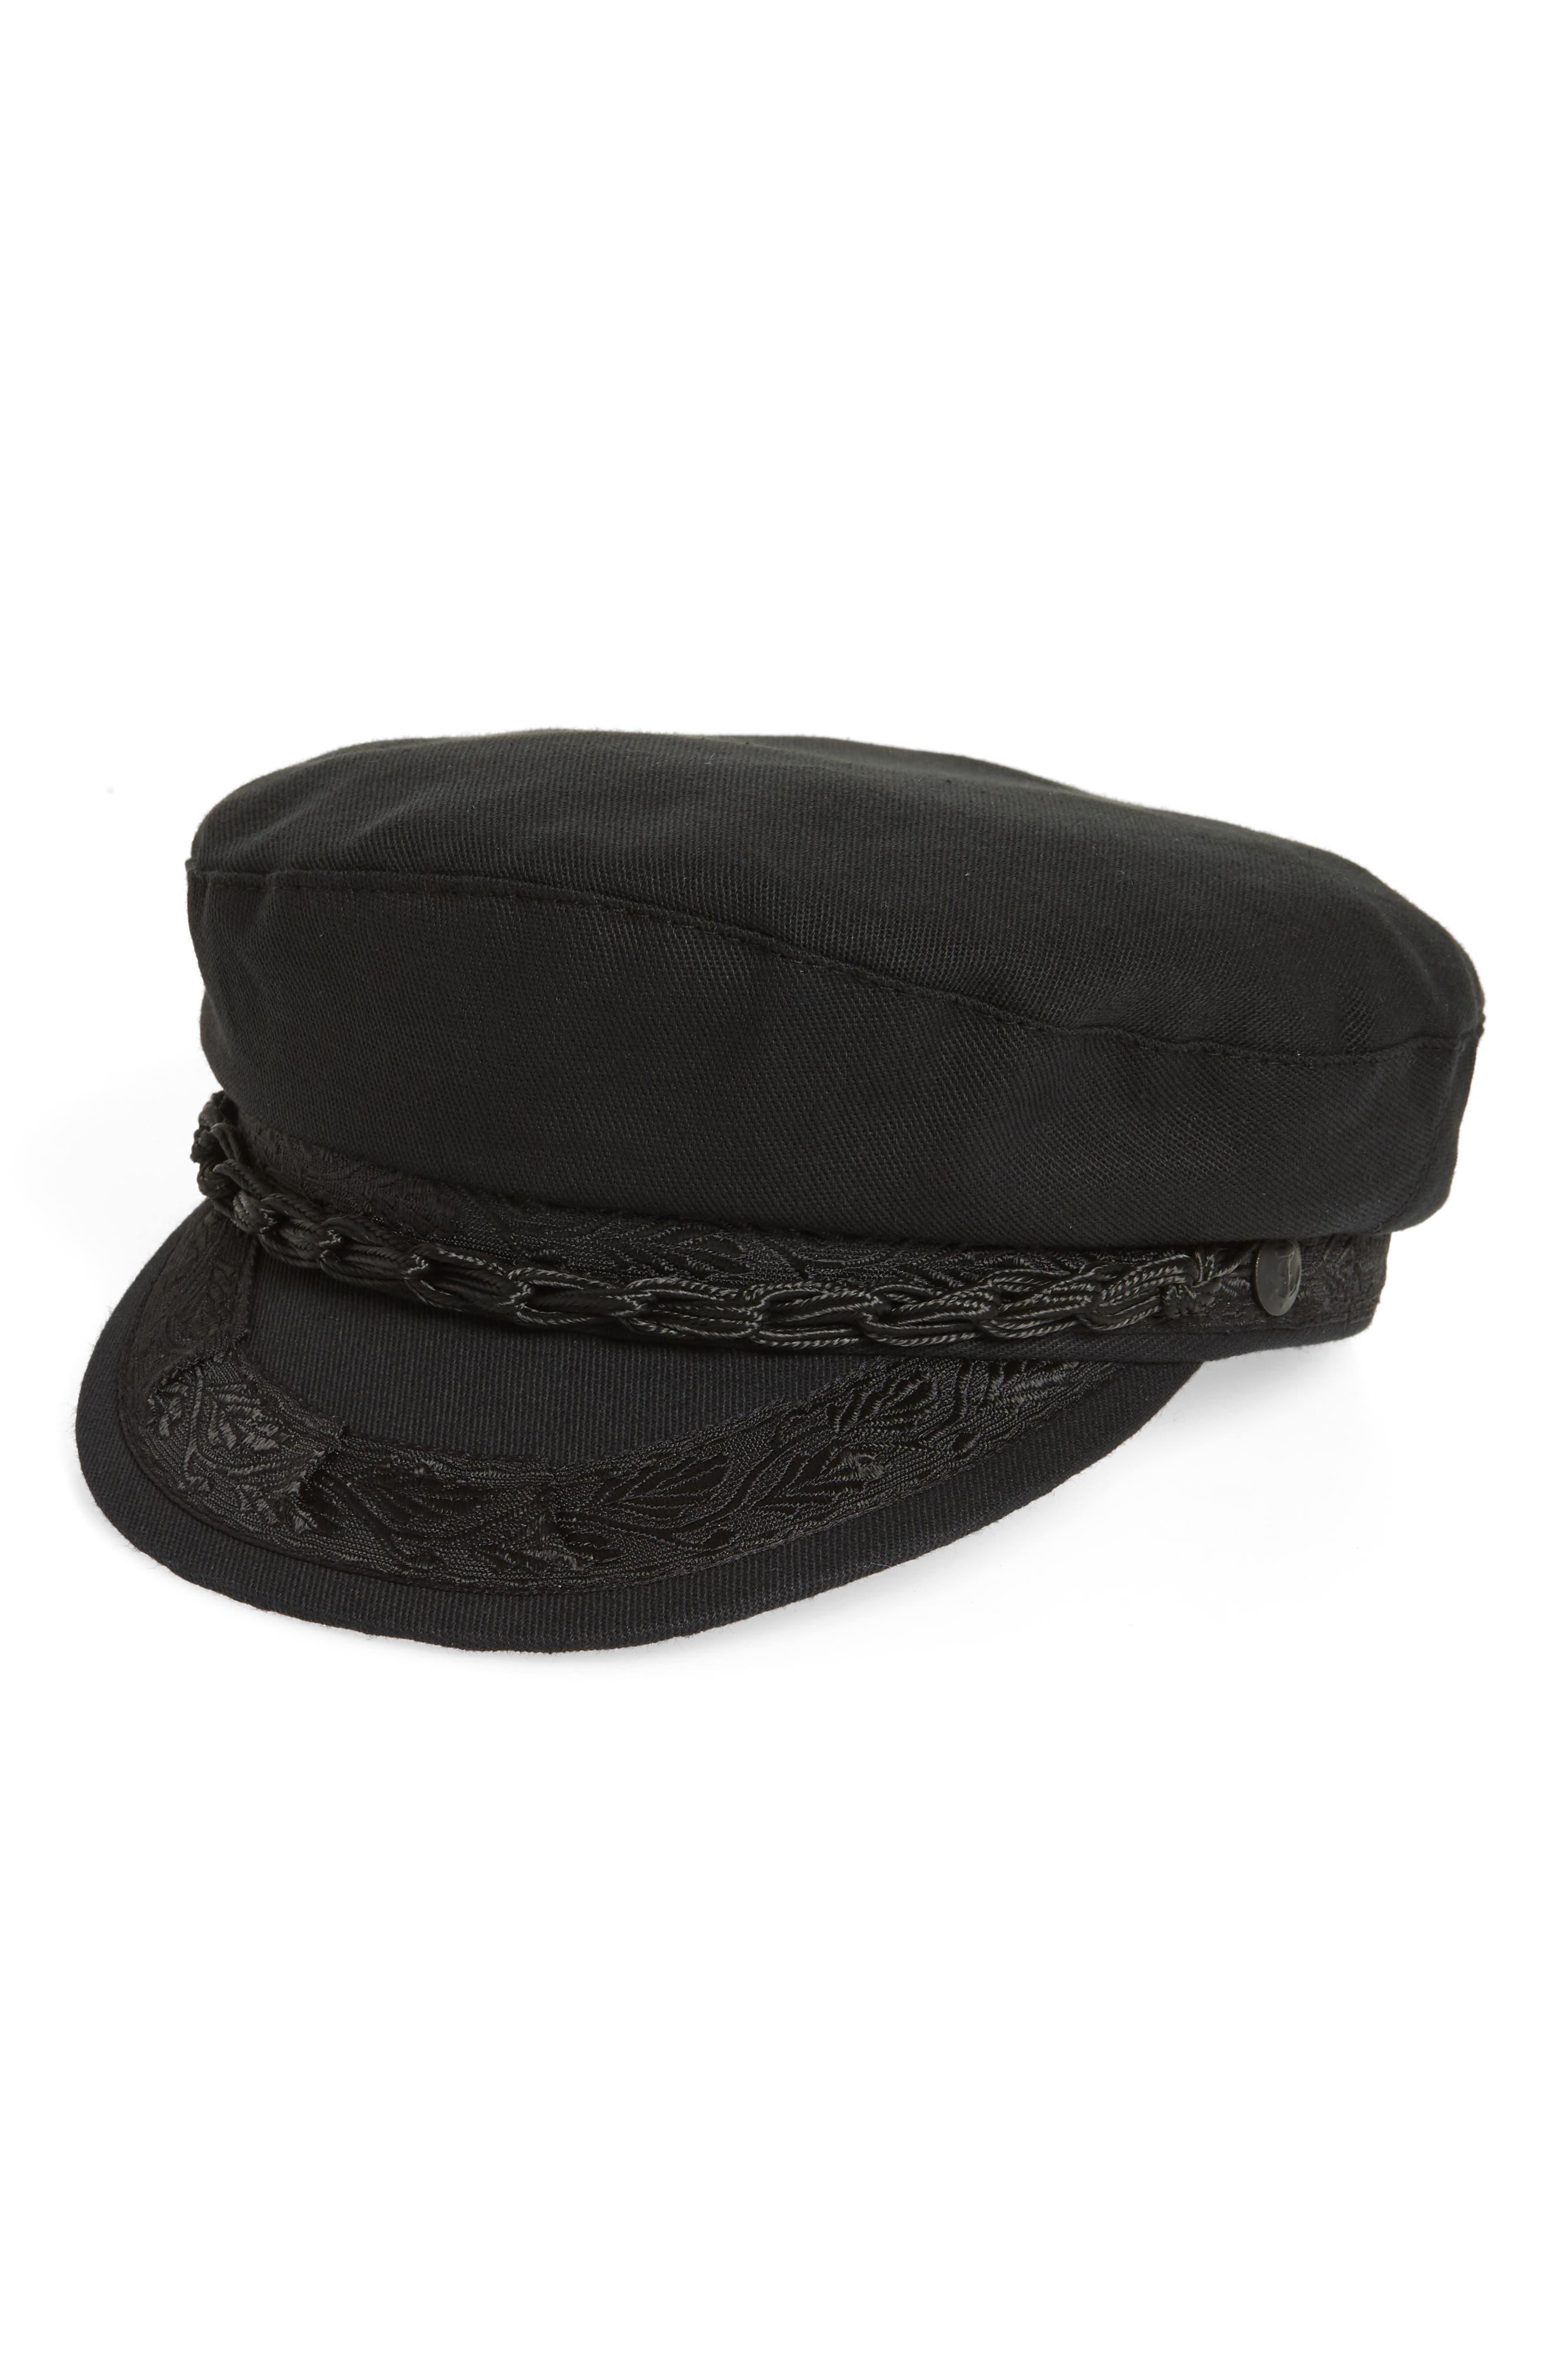 Cotton Baker Boy Hat,                             Main thumbnail 1, color,                             Black